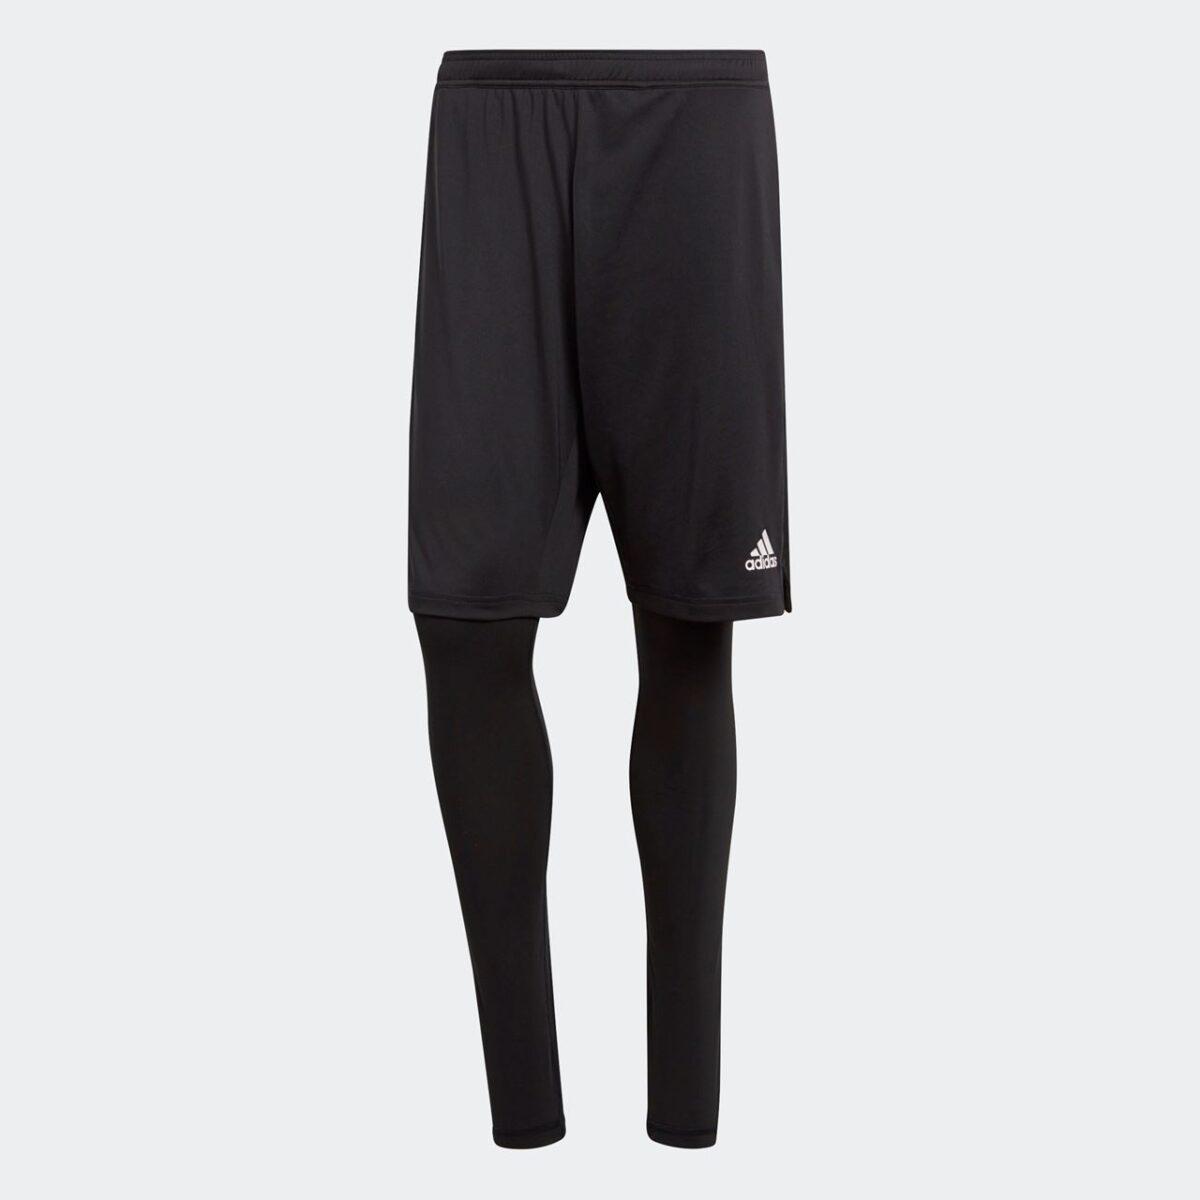 Adidas Condivo 18 2IN1 Shorts Junior